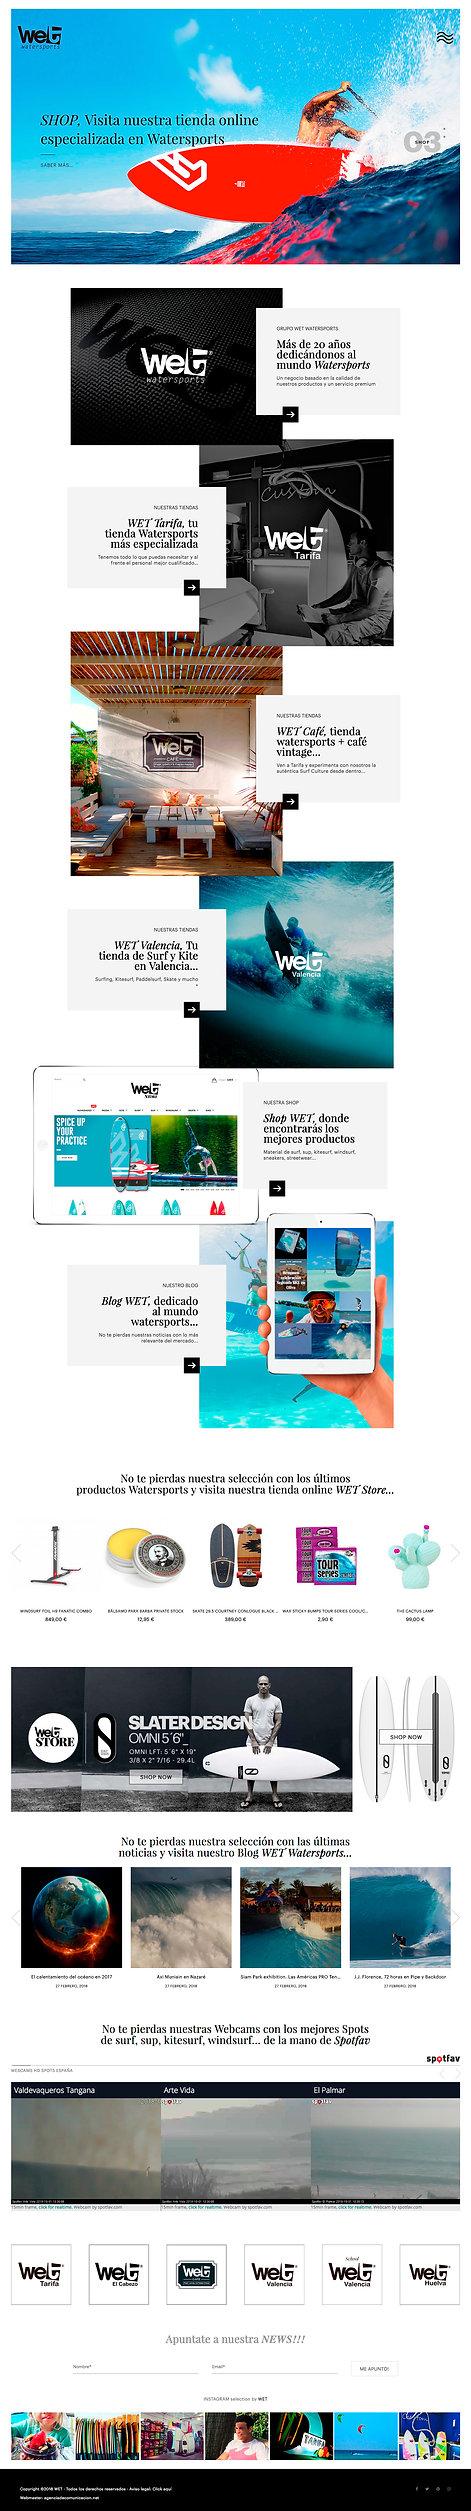 diseño-webs-corporativas-wet.jpg